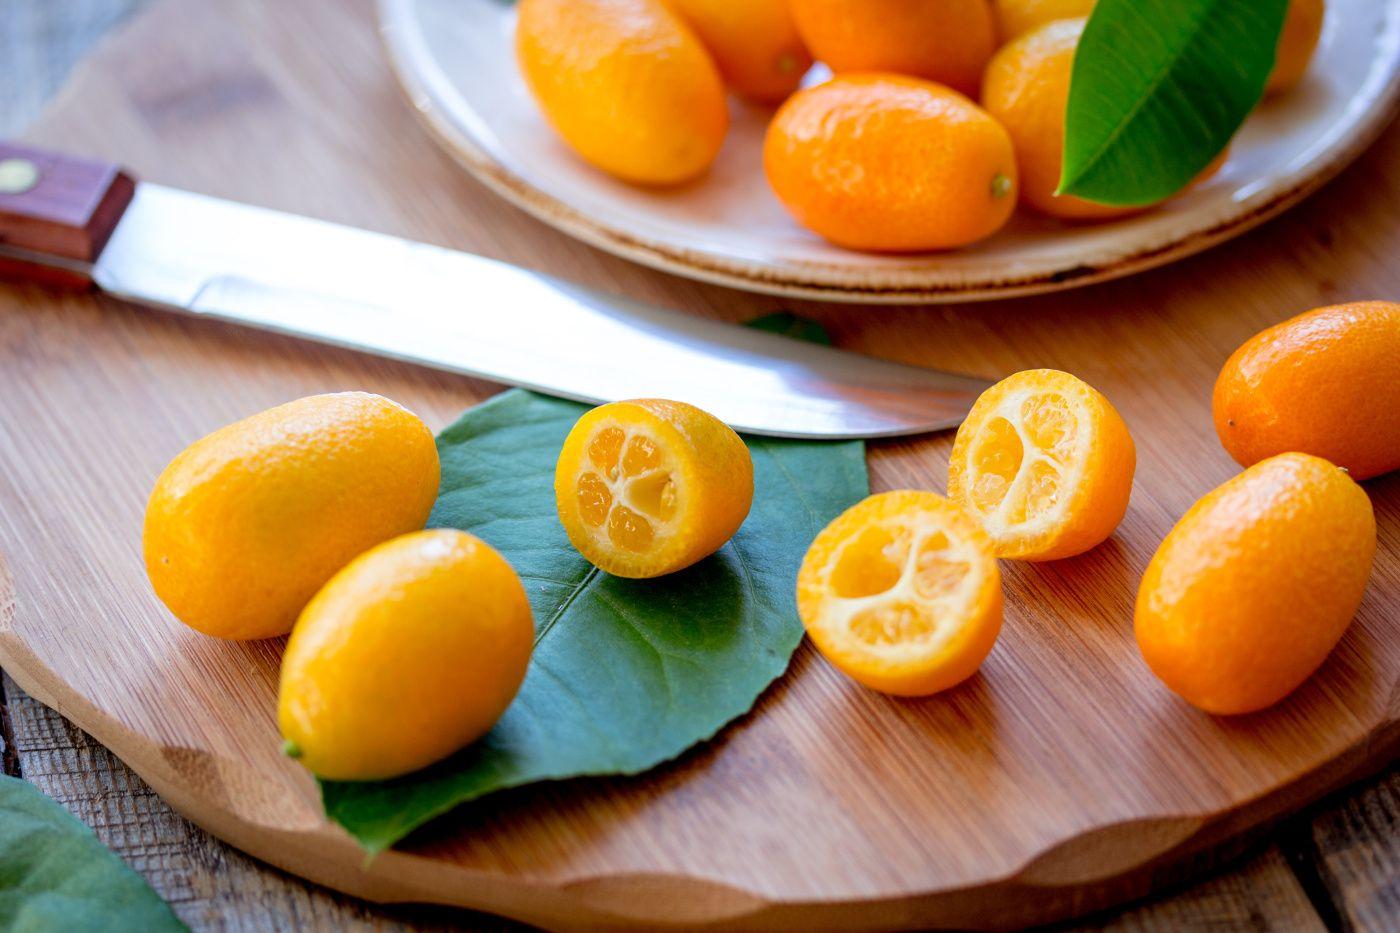 فاكهة الكمكوات فوائد صحية مذهلة Fruit Kumquat Farmers Market